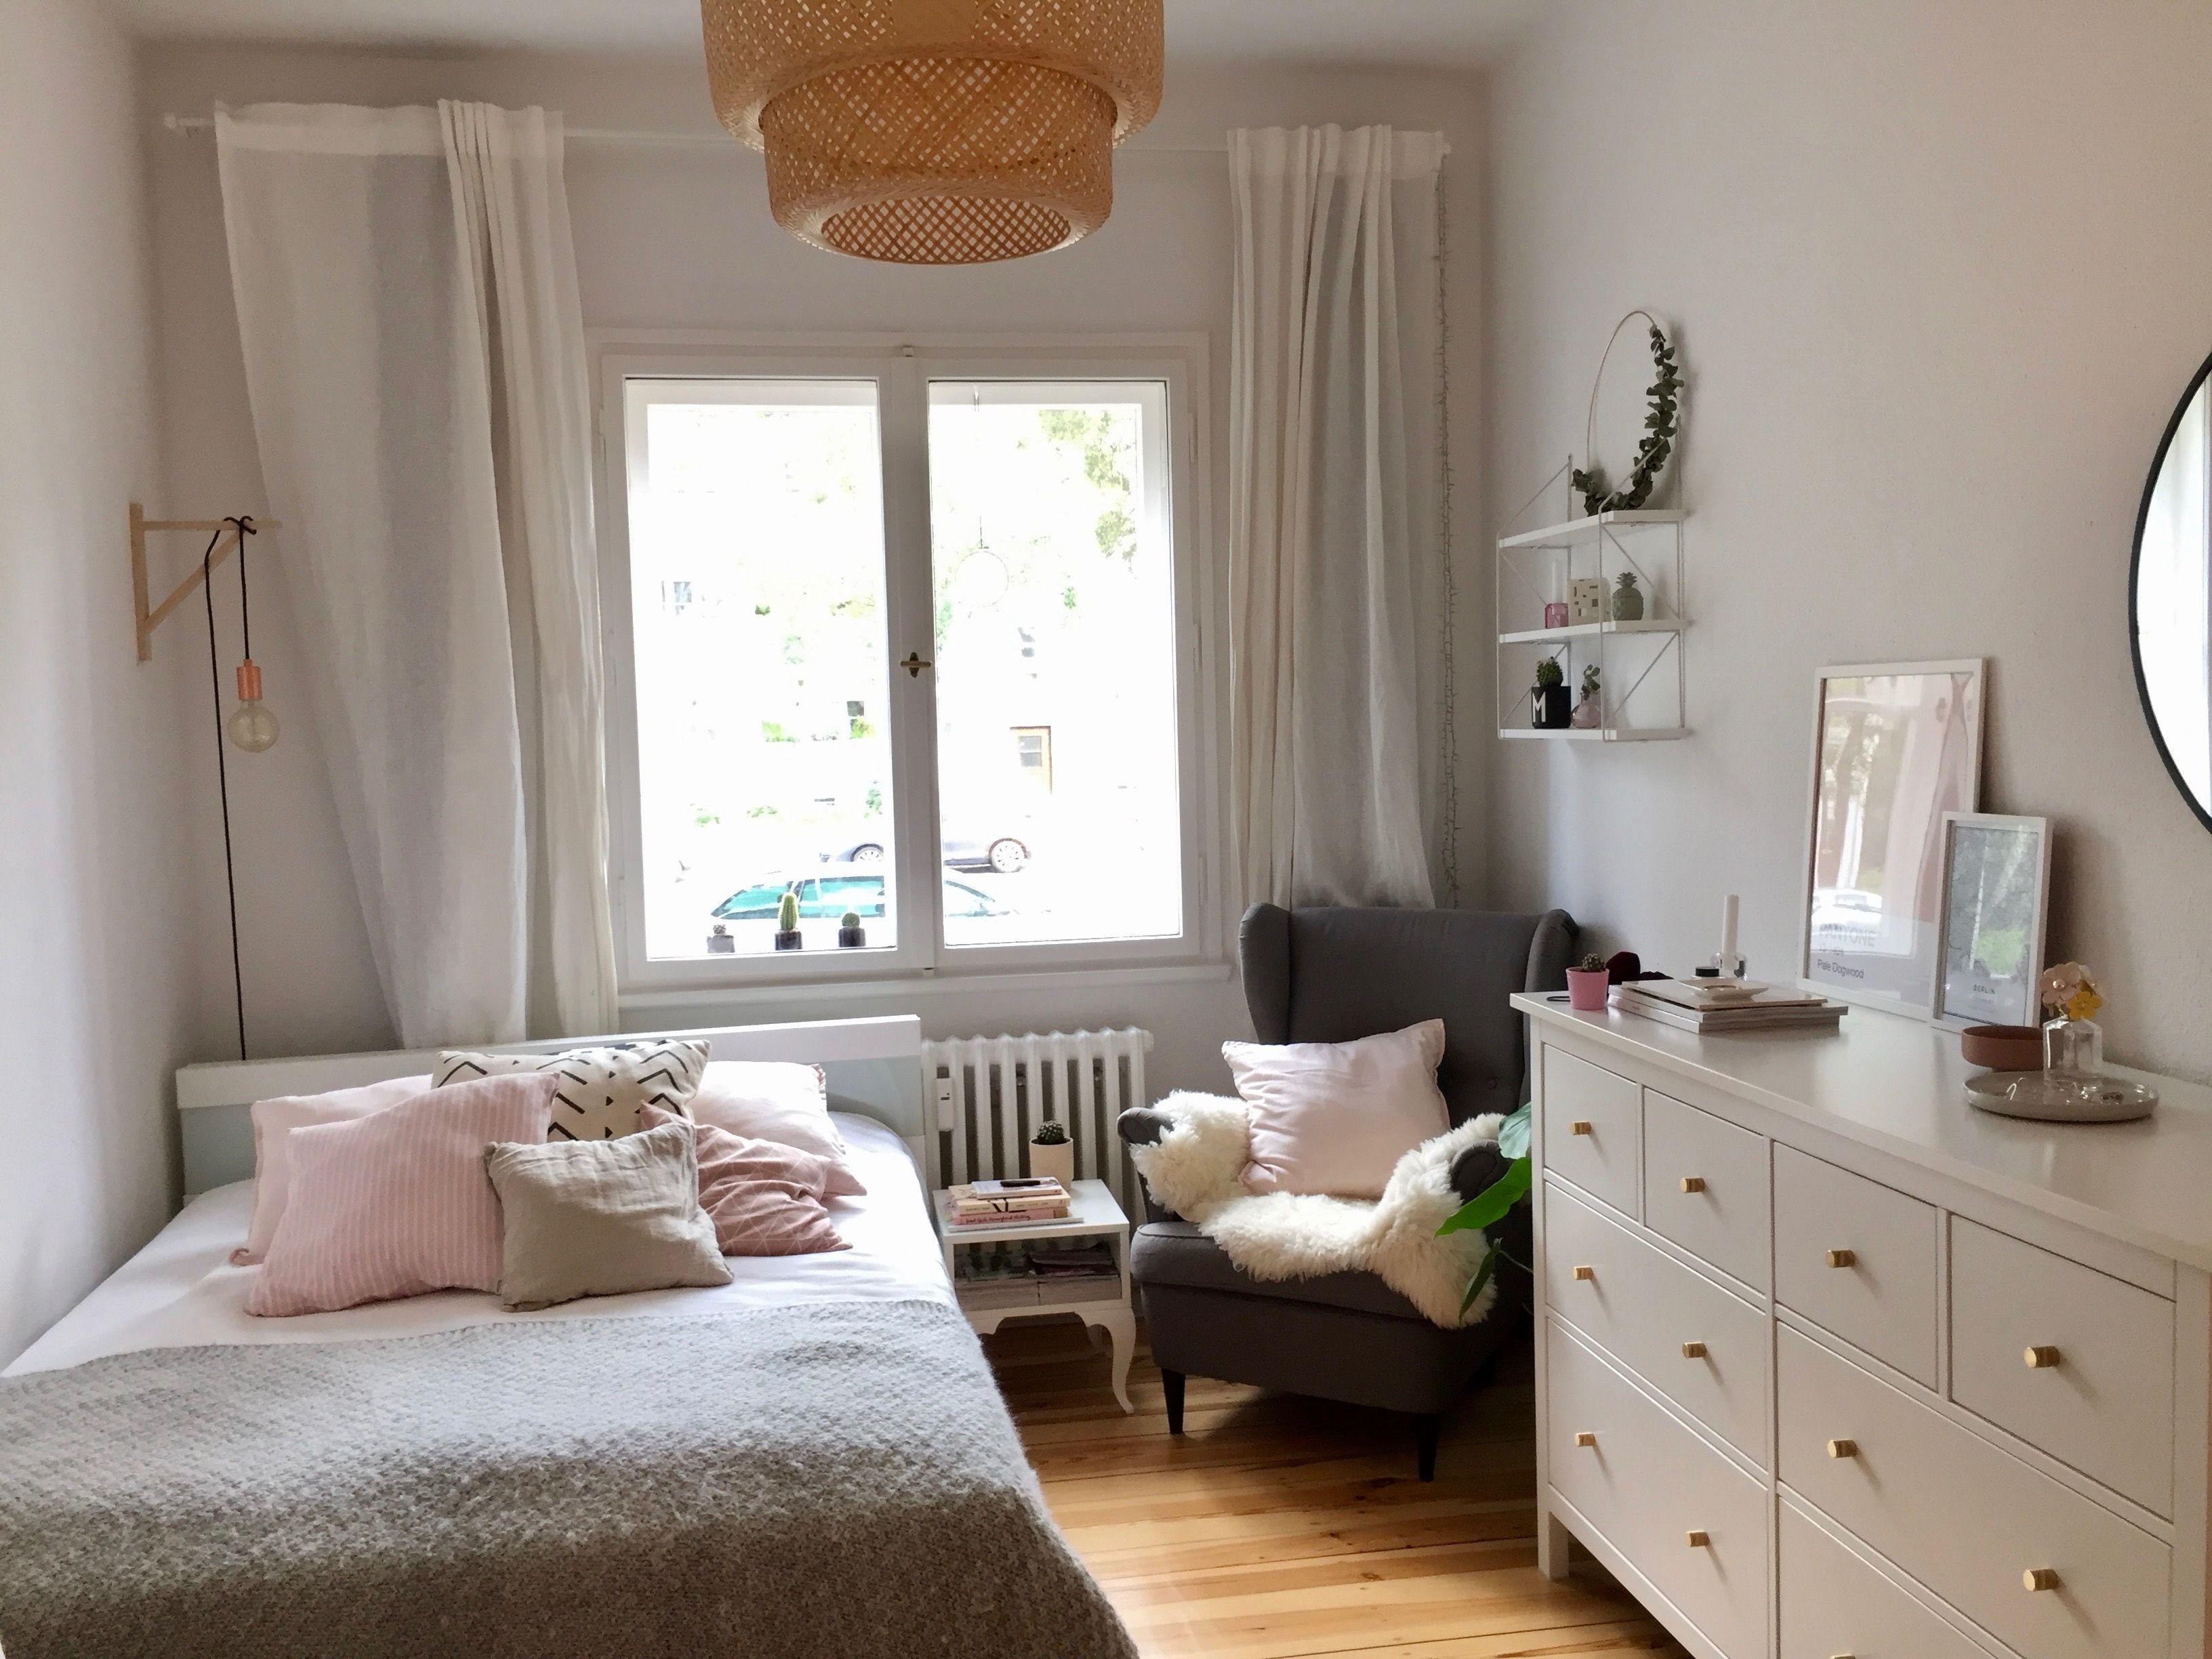 Ein Traum In Weiss Rosa Und Grau Dieses Wg Zimmer Ist Einladend